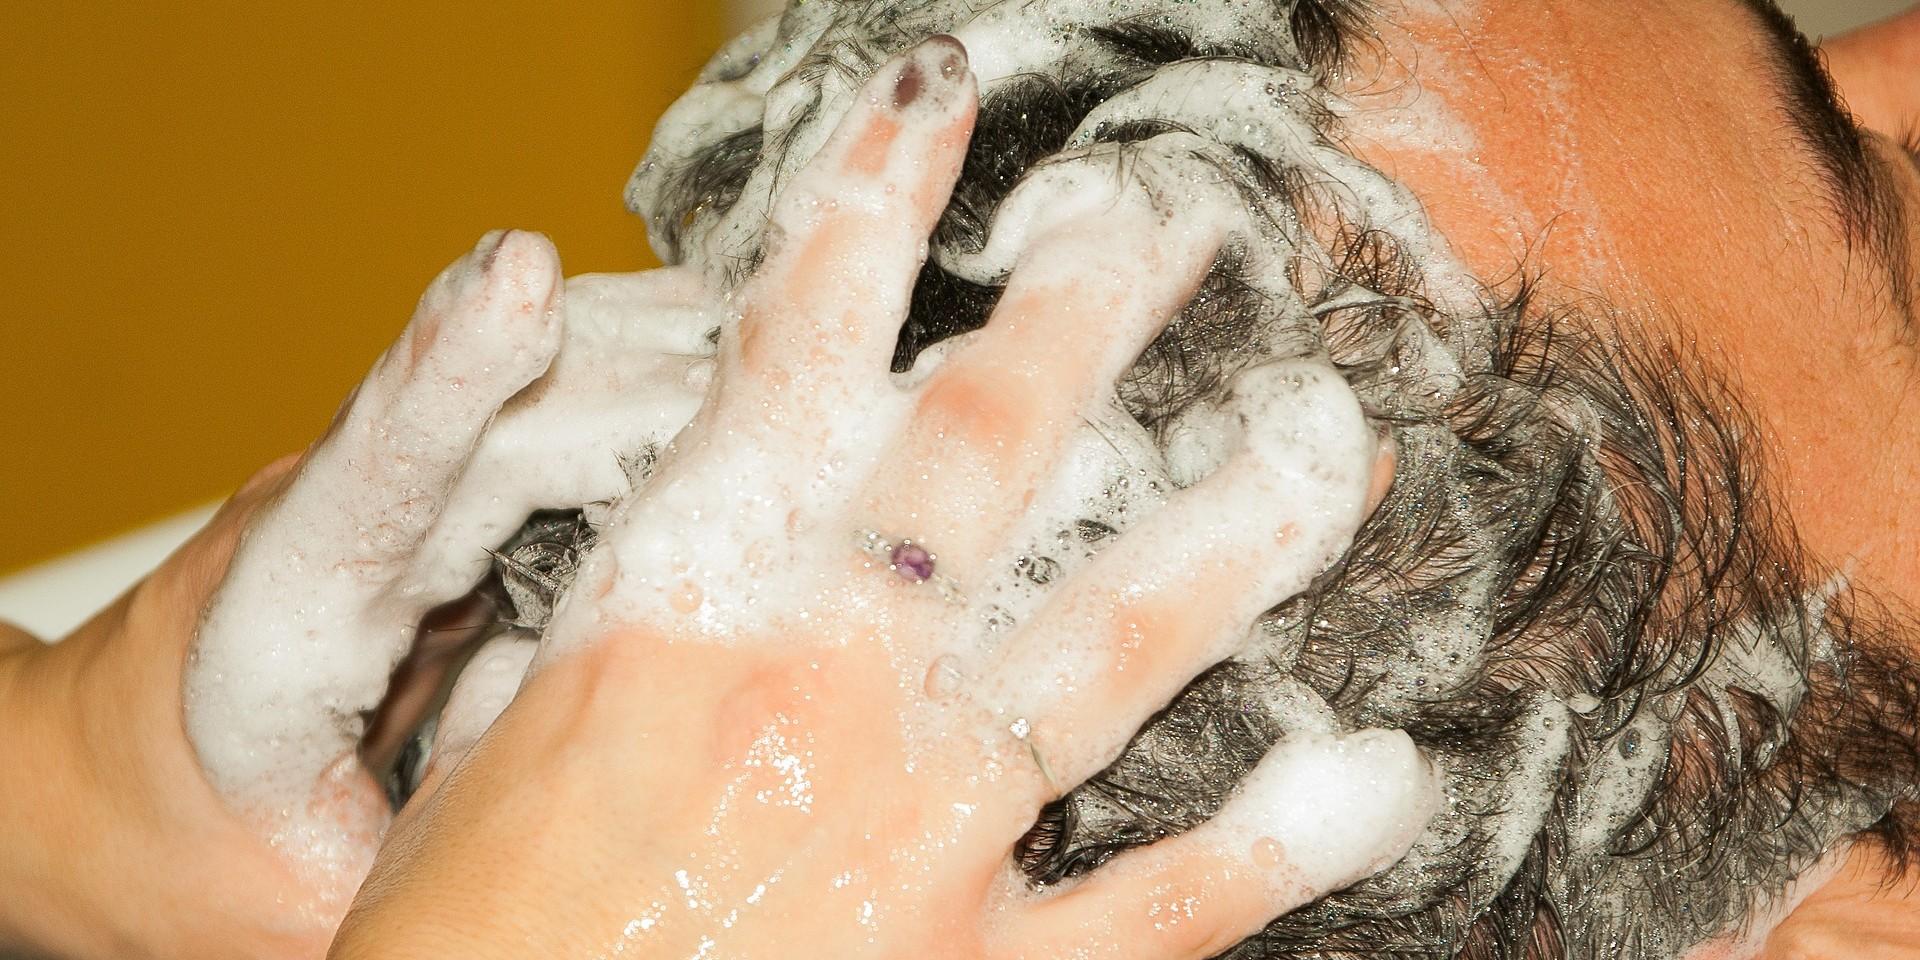 Sedam pokazatelja da prečesto perete kosu